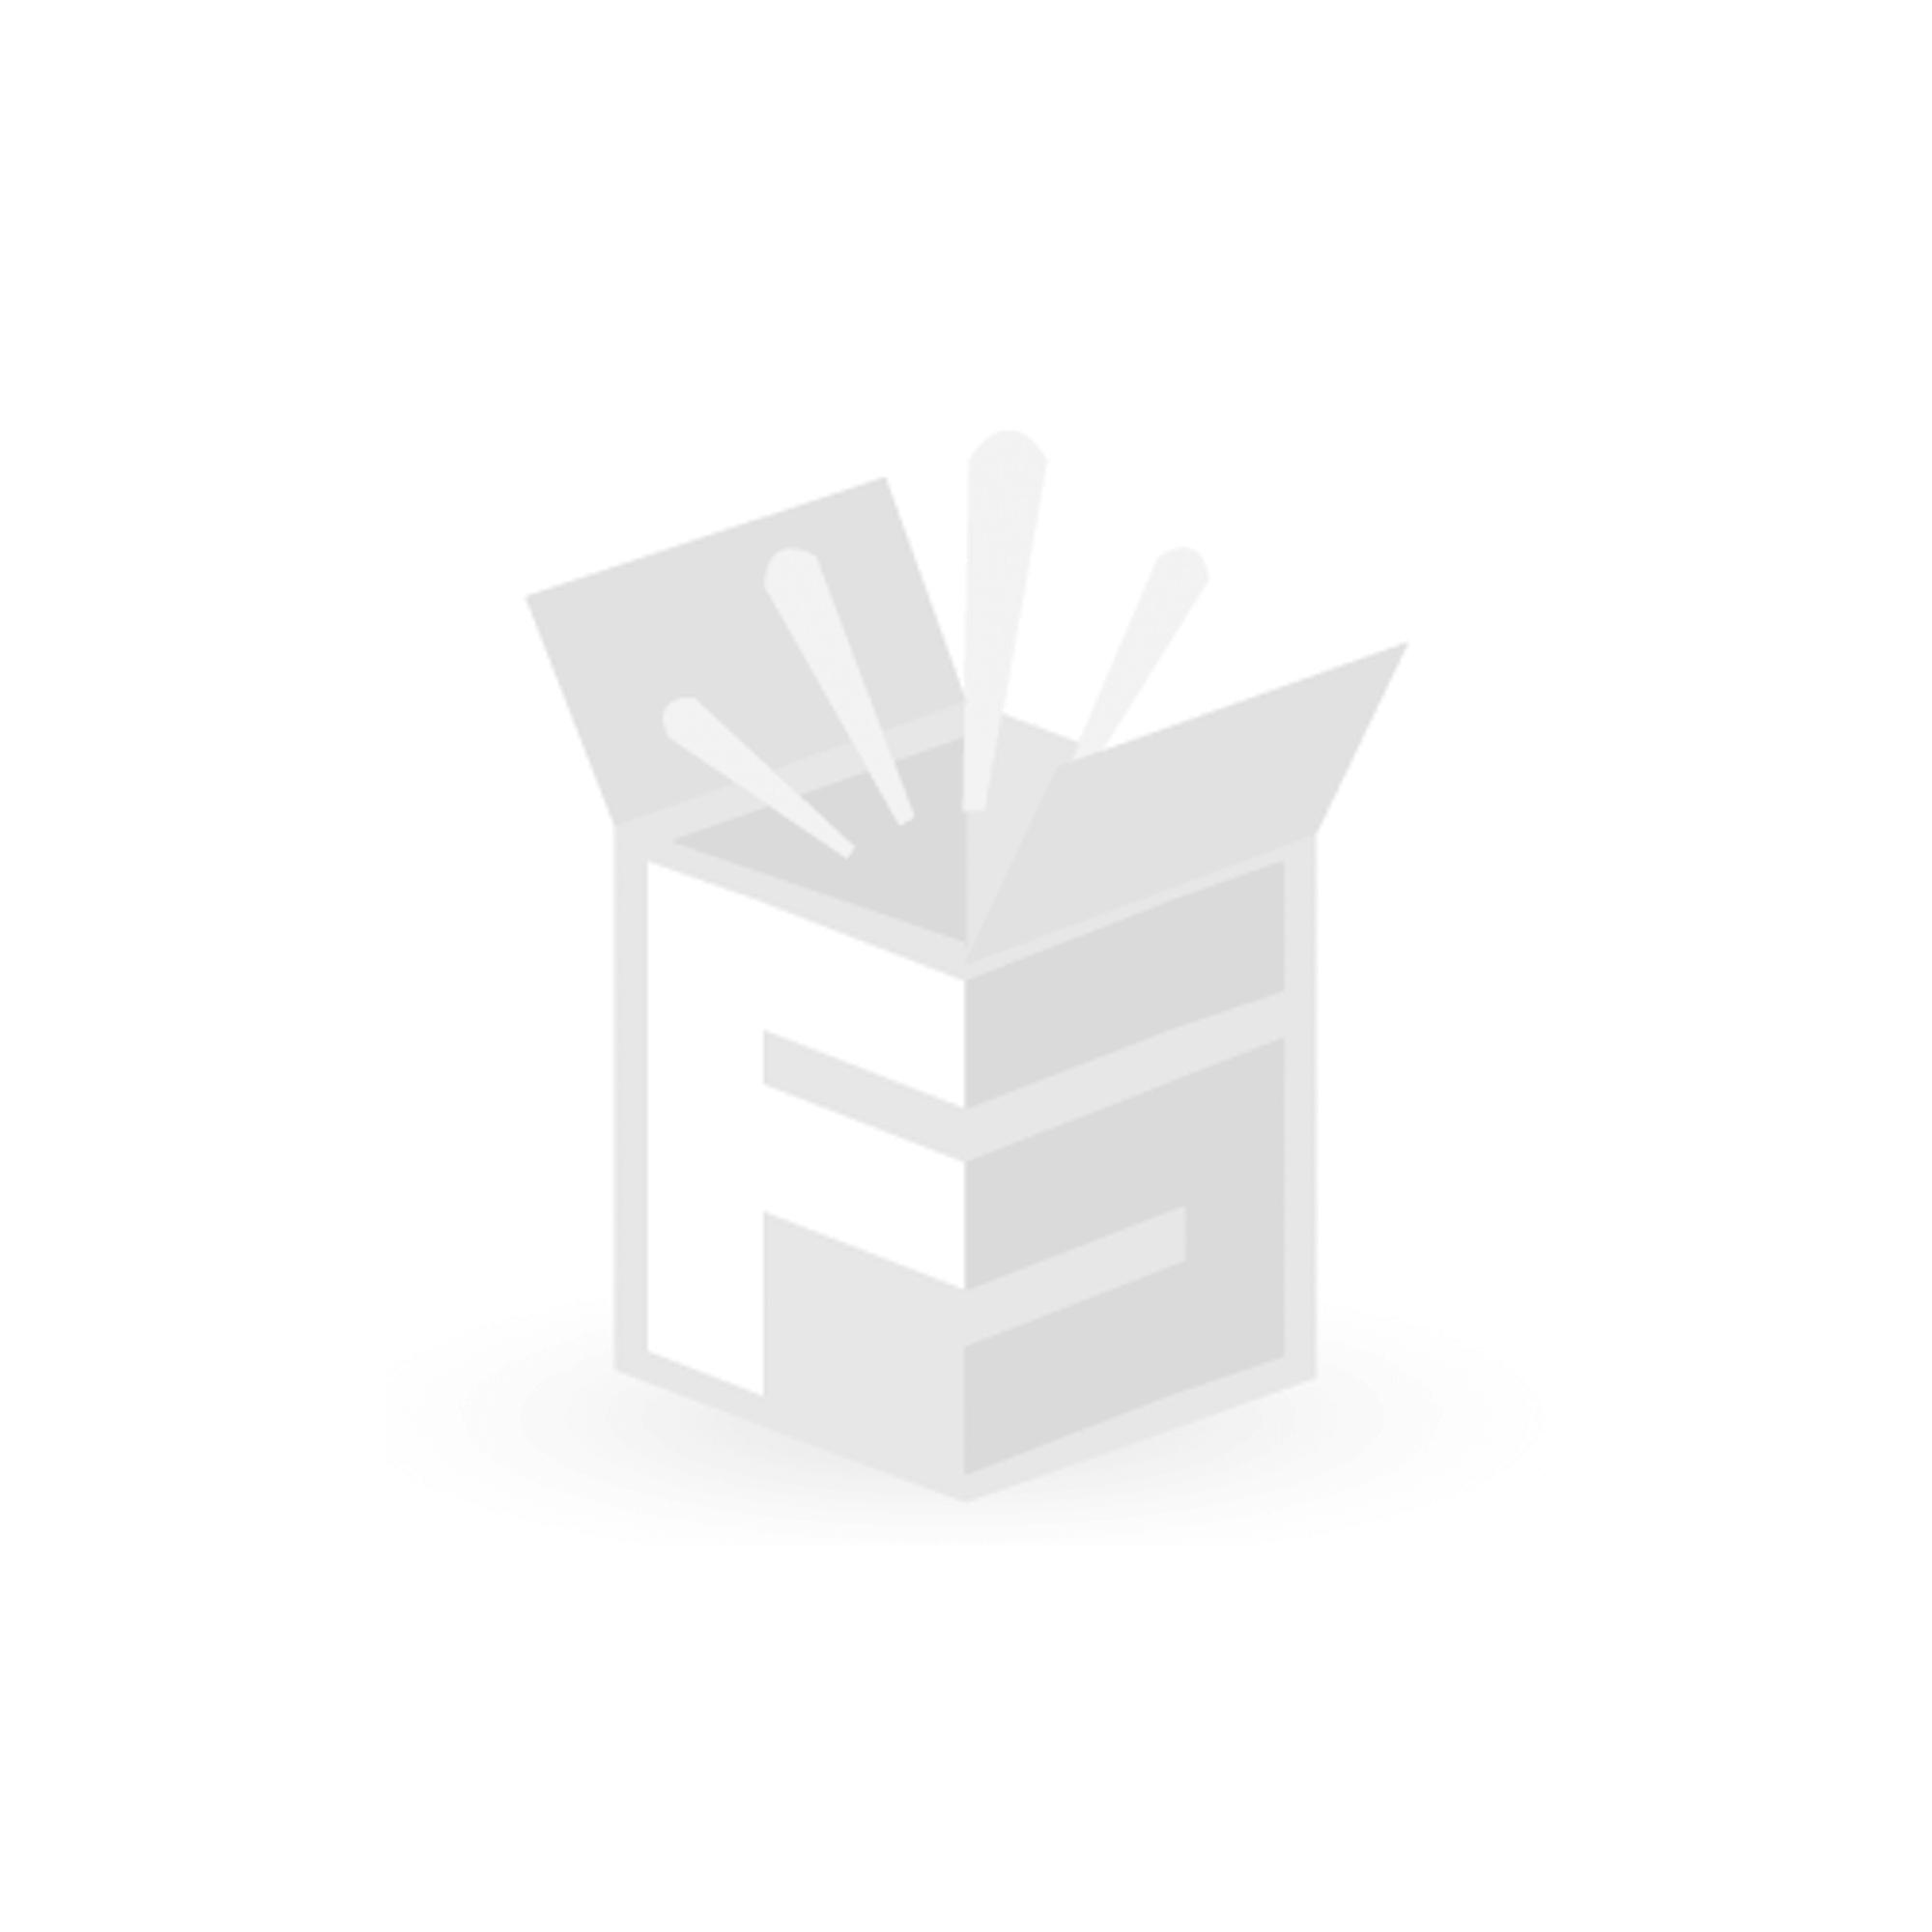 FS-STAR Koffer Trolley Set, 3-teilig, Polyester